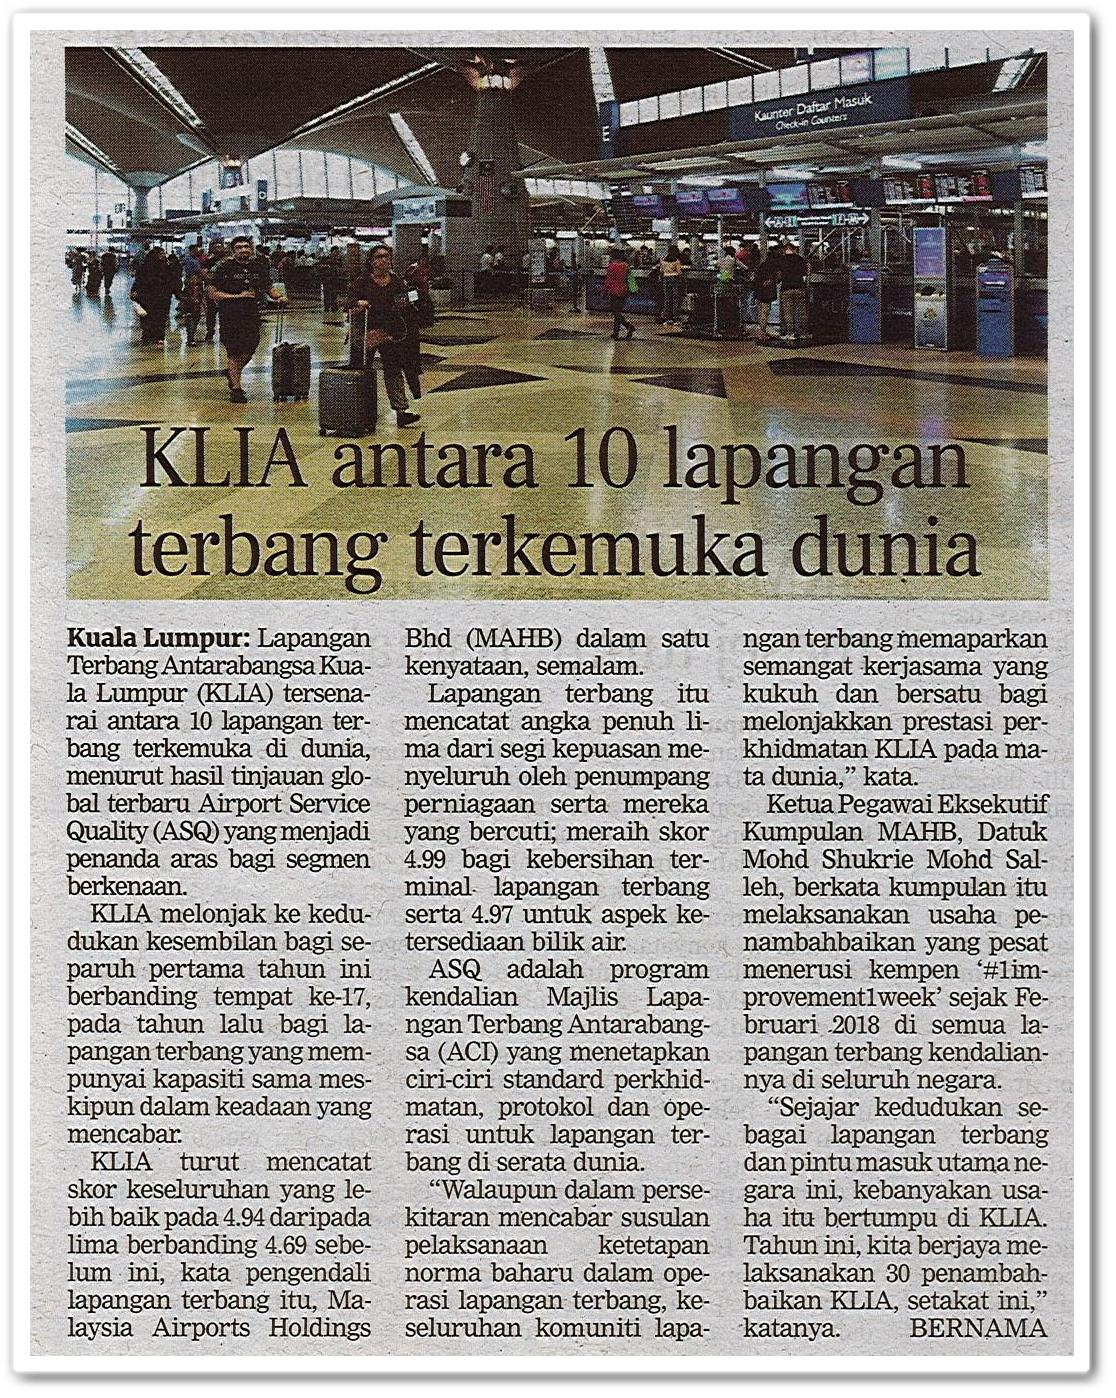 KLIA antara 10 lapangan terbang terkemuka di dunia - Keratan akhbar Berita Harian 11 Oktober 2020